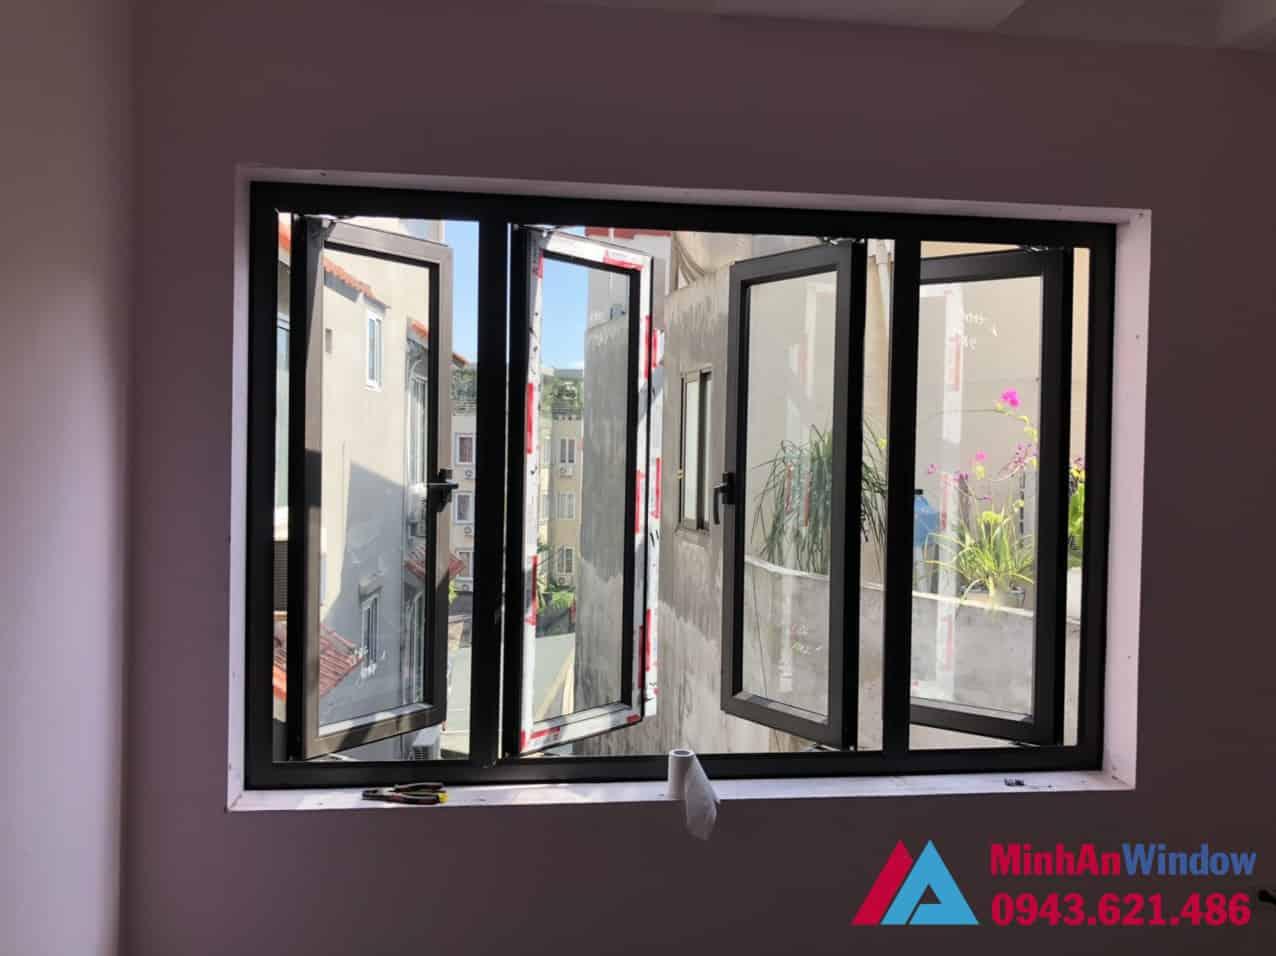 Mẫu cửa sổ nhôm kính 4 cánh mở quay tại Sơn La do Minh An Window lắp đặt